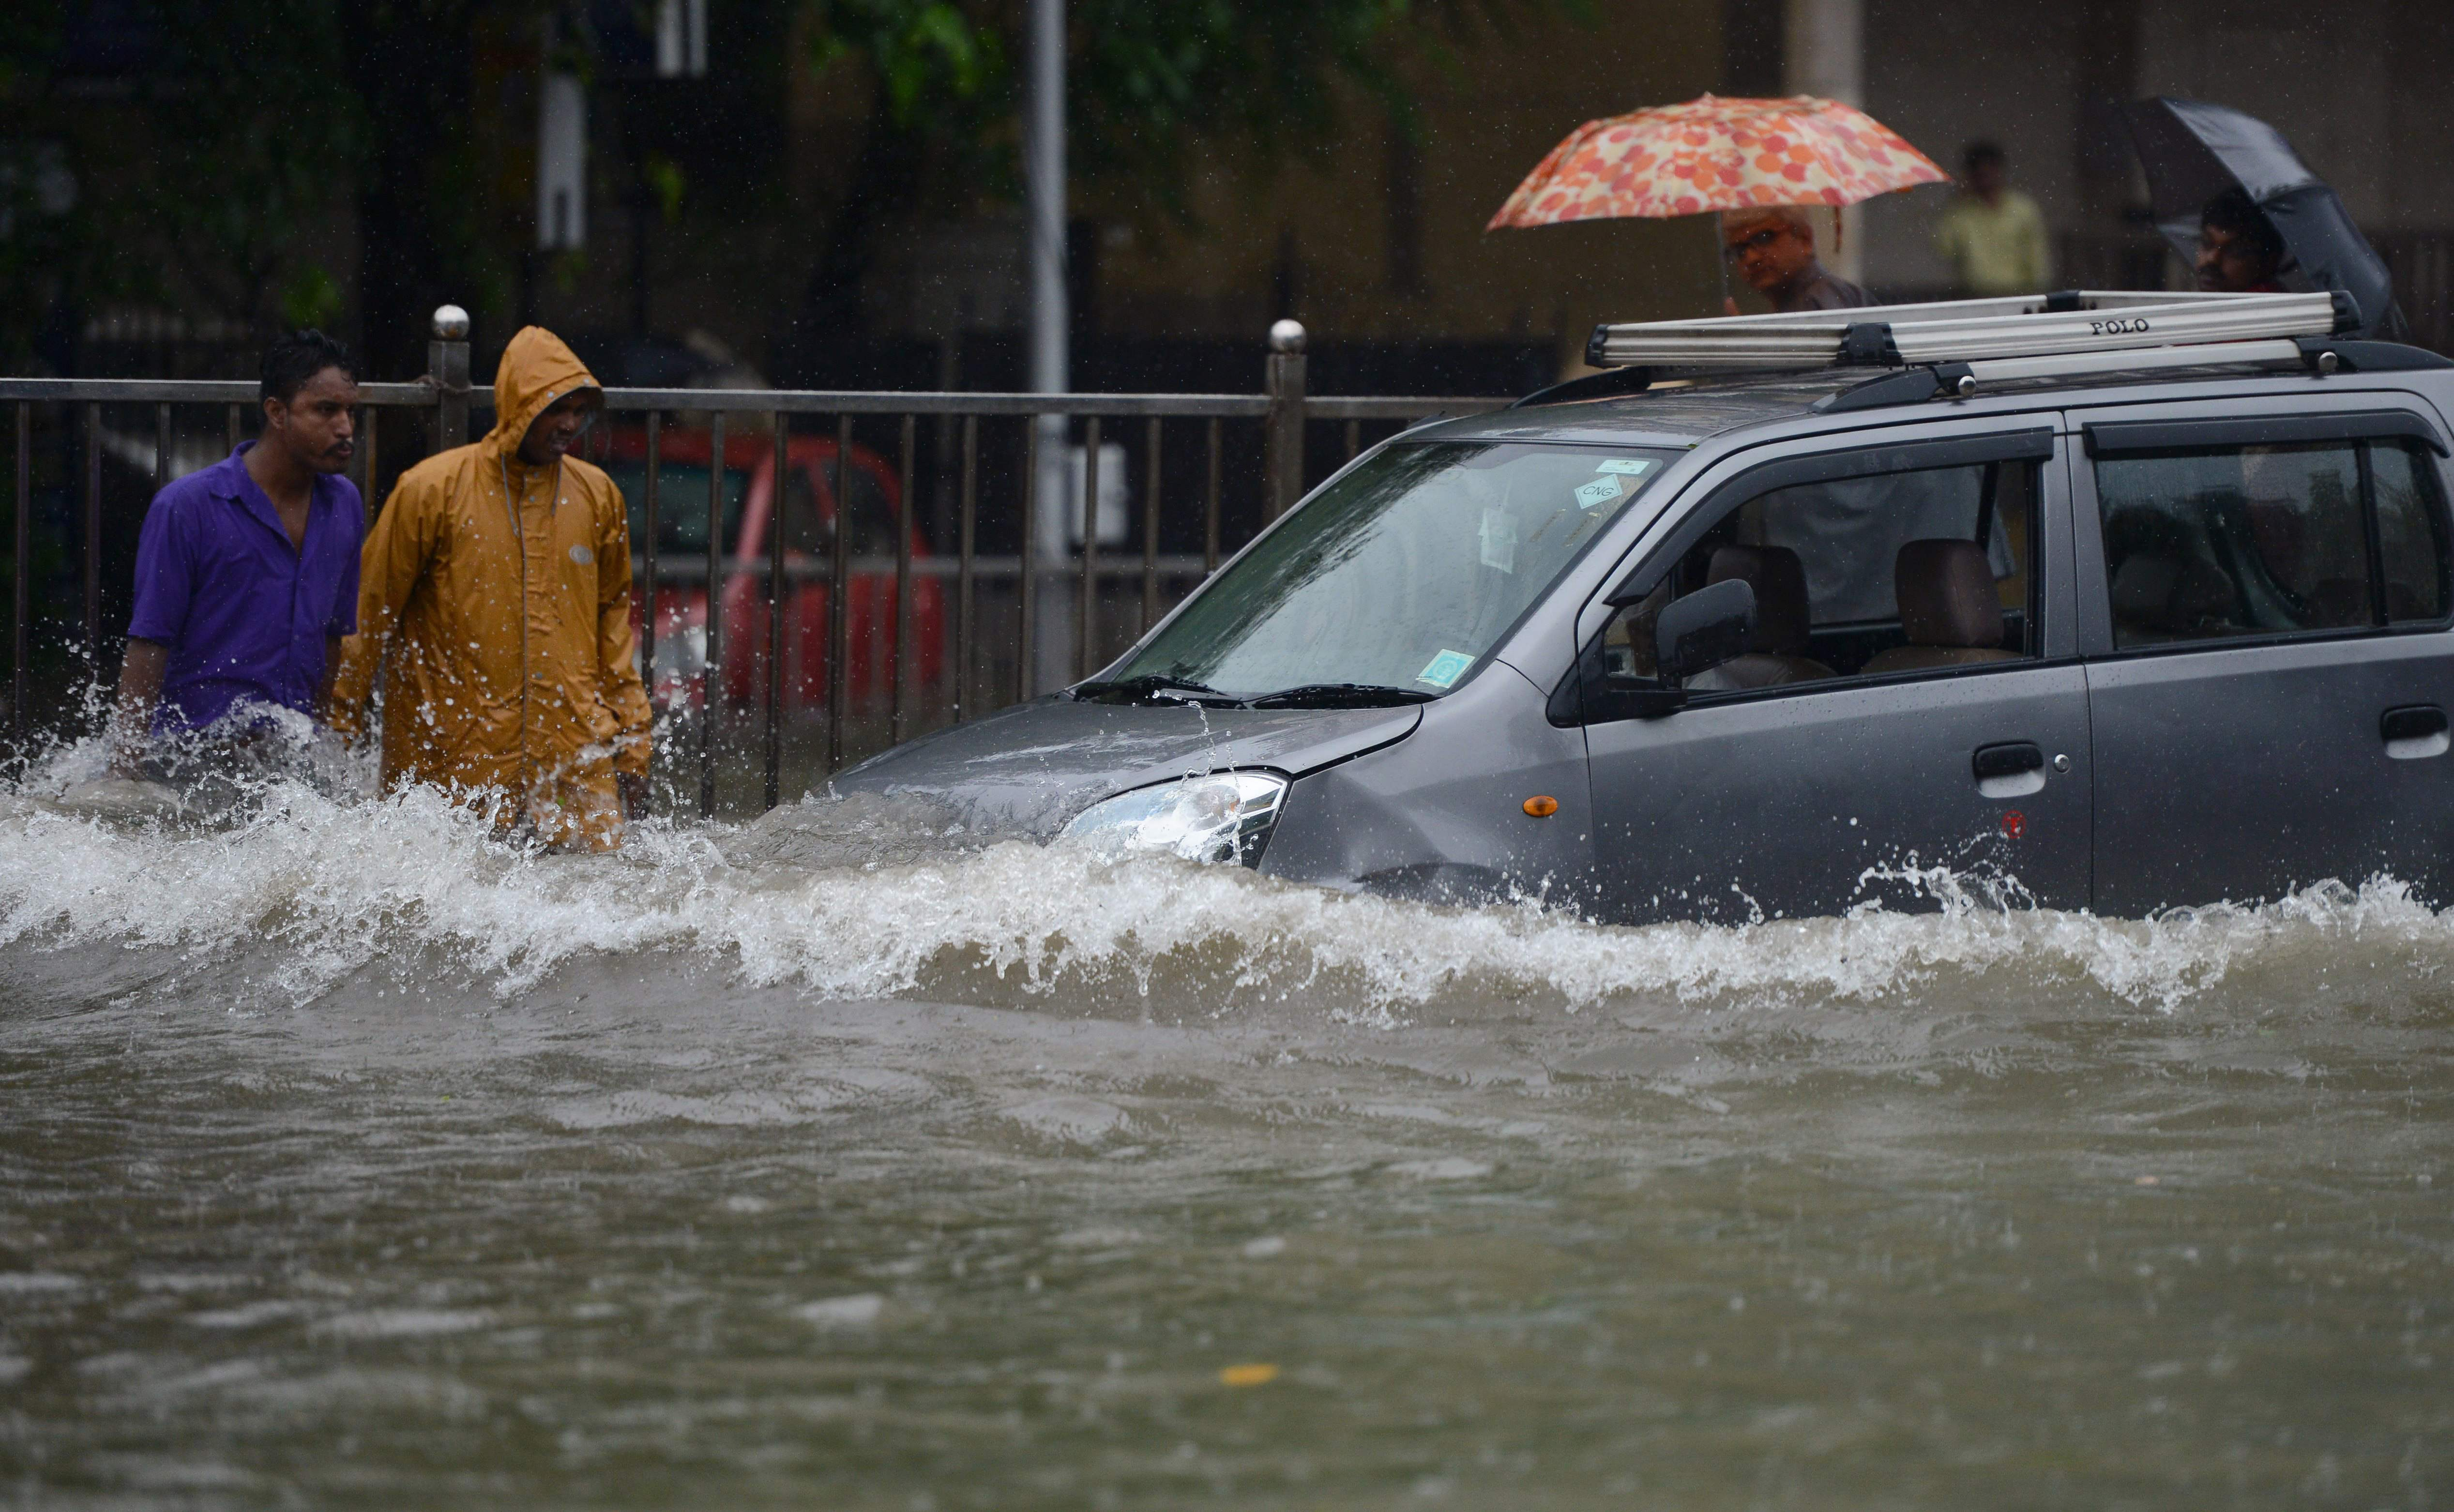 غرق بعض المواطنين فى الأمطار